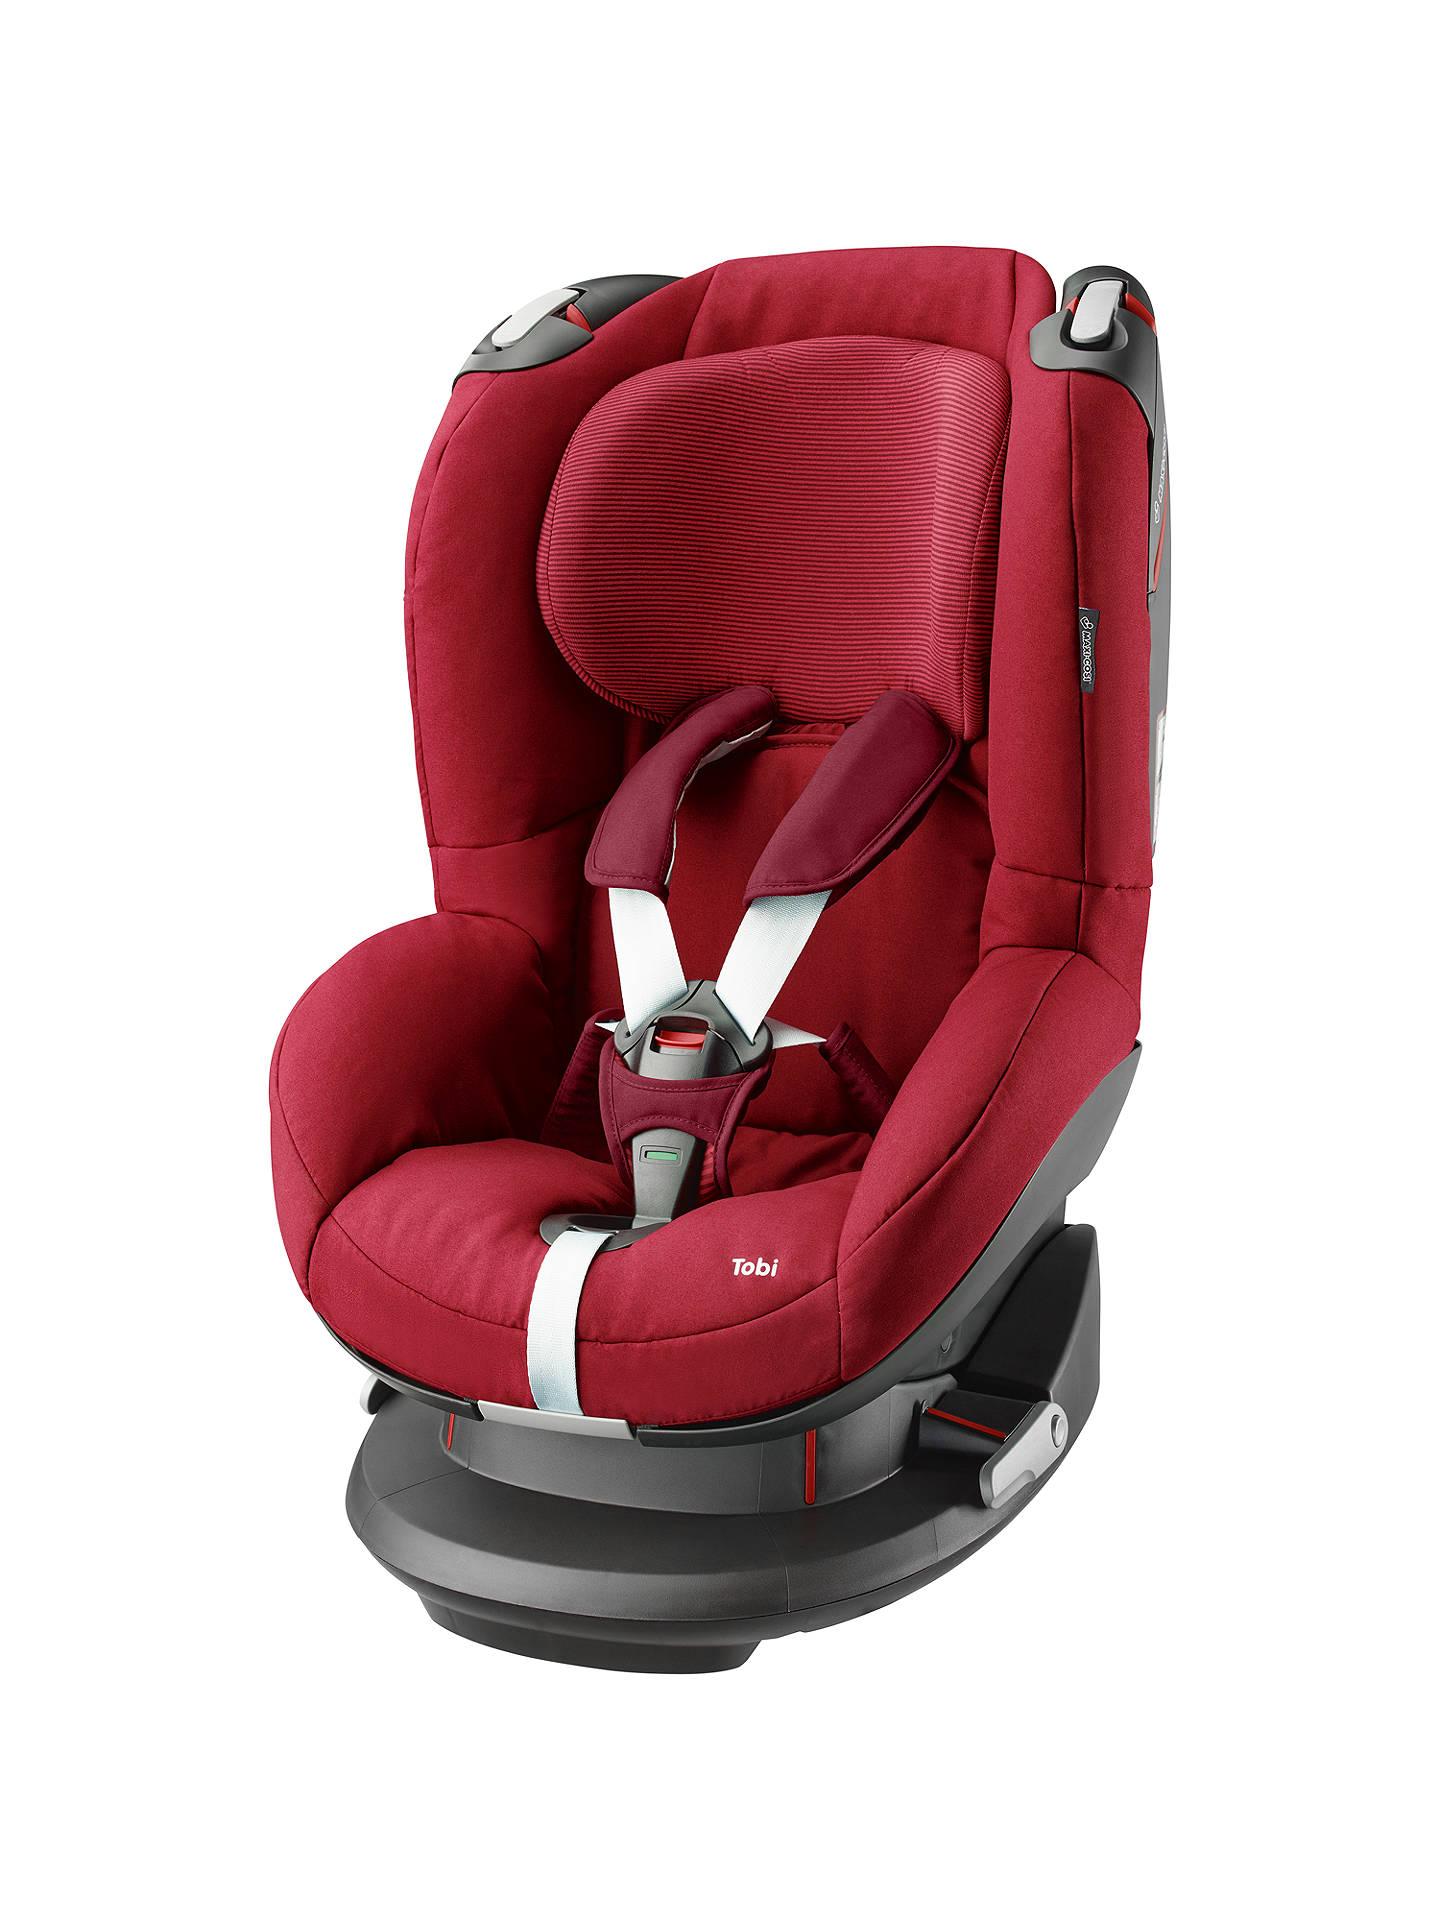 Maxi Cosi Tobi Group 1 Car Seat Robin Red